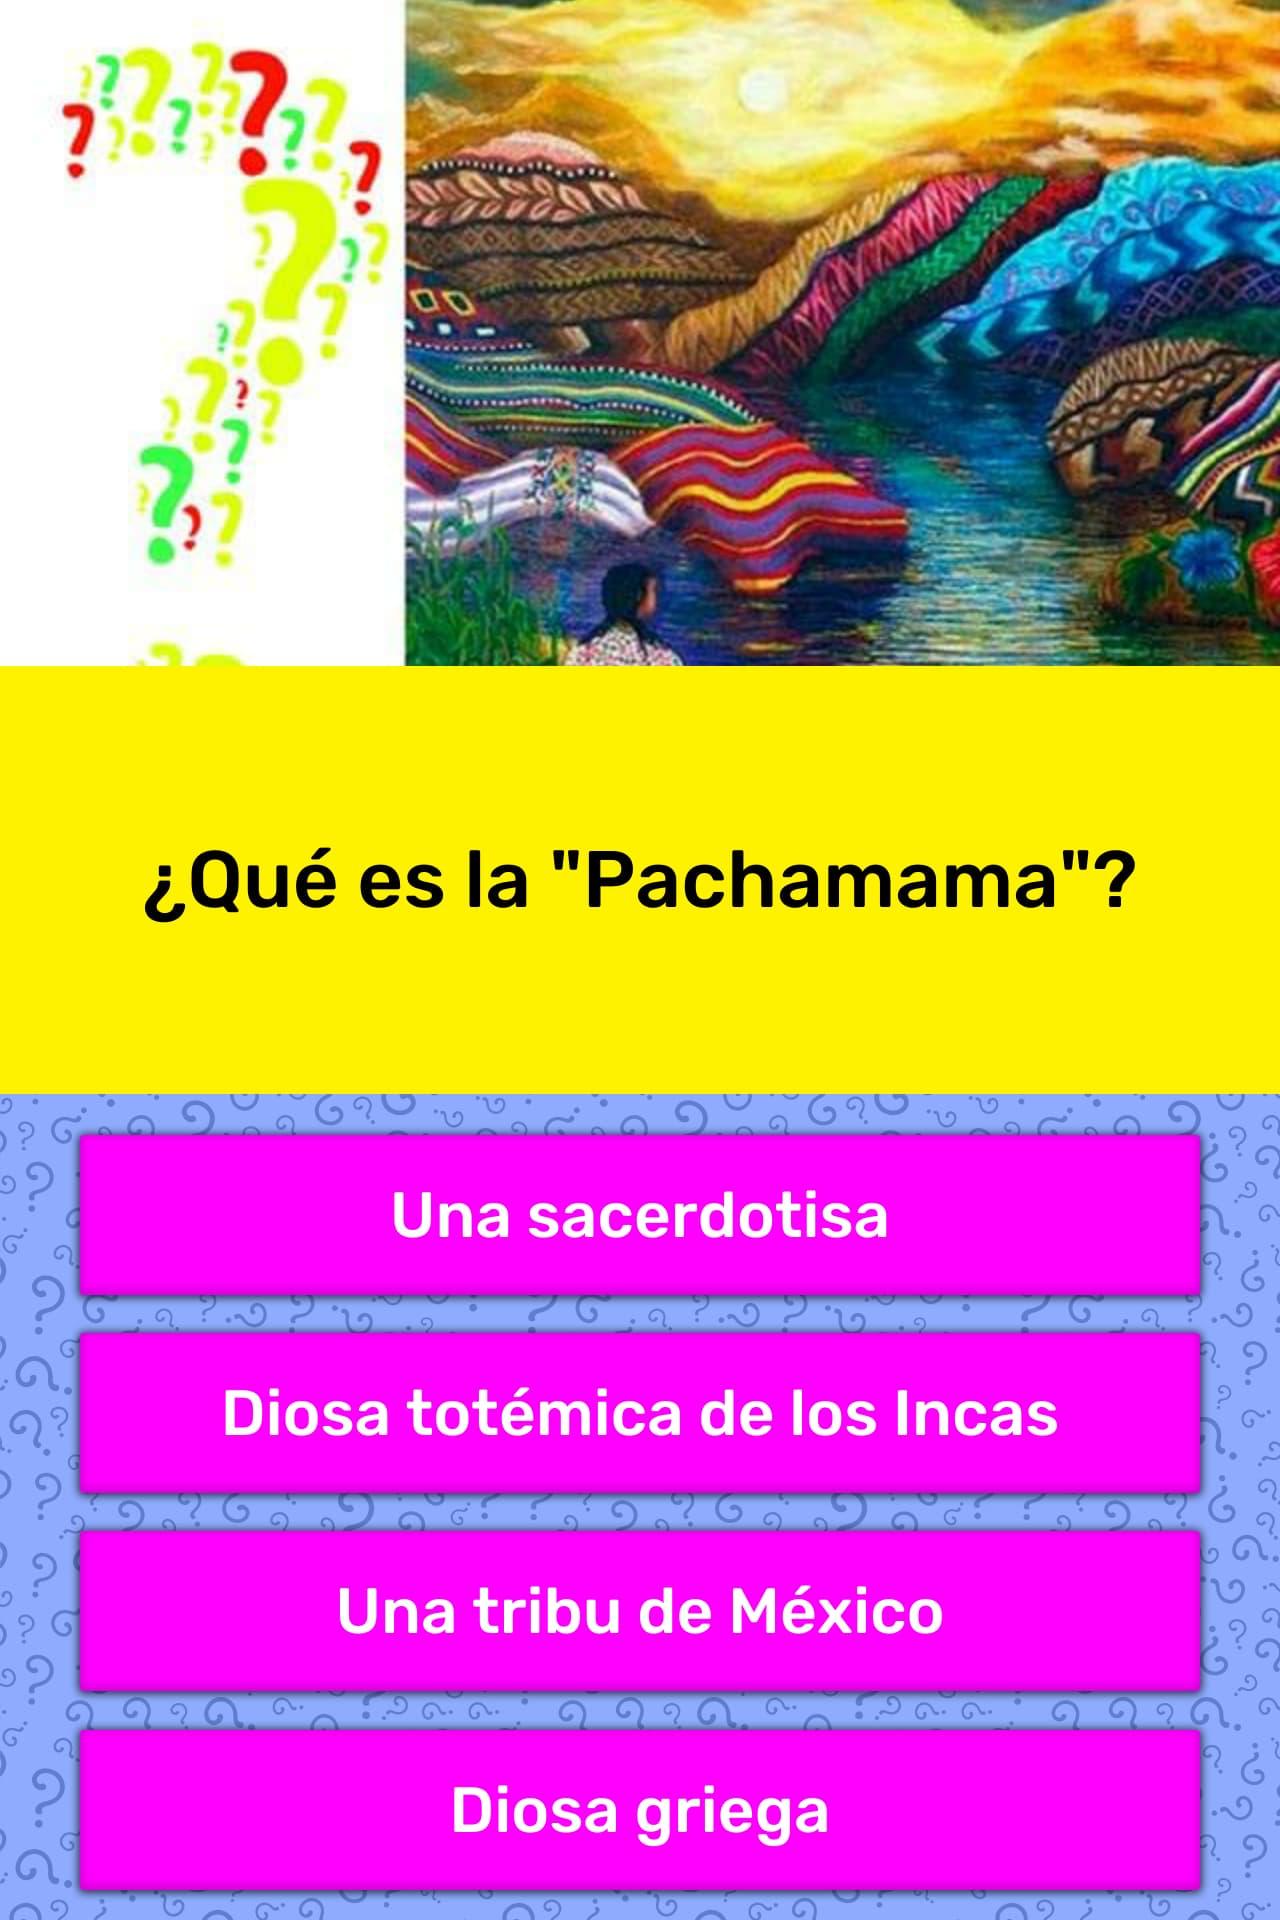 Que Es La Pachamama La Respuesta De Trivia Quizzclub